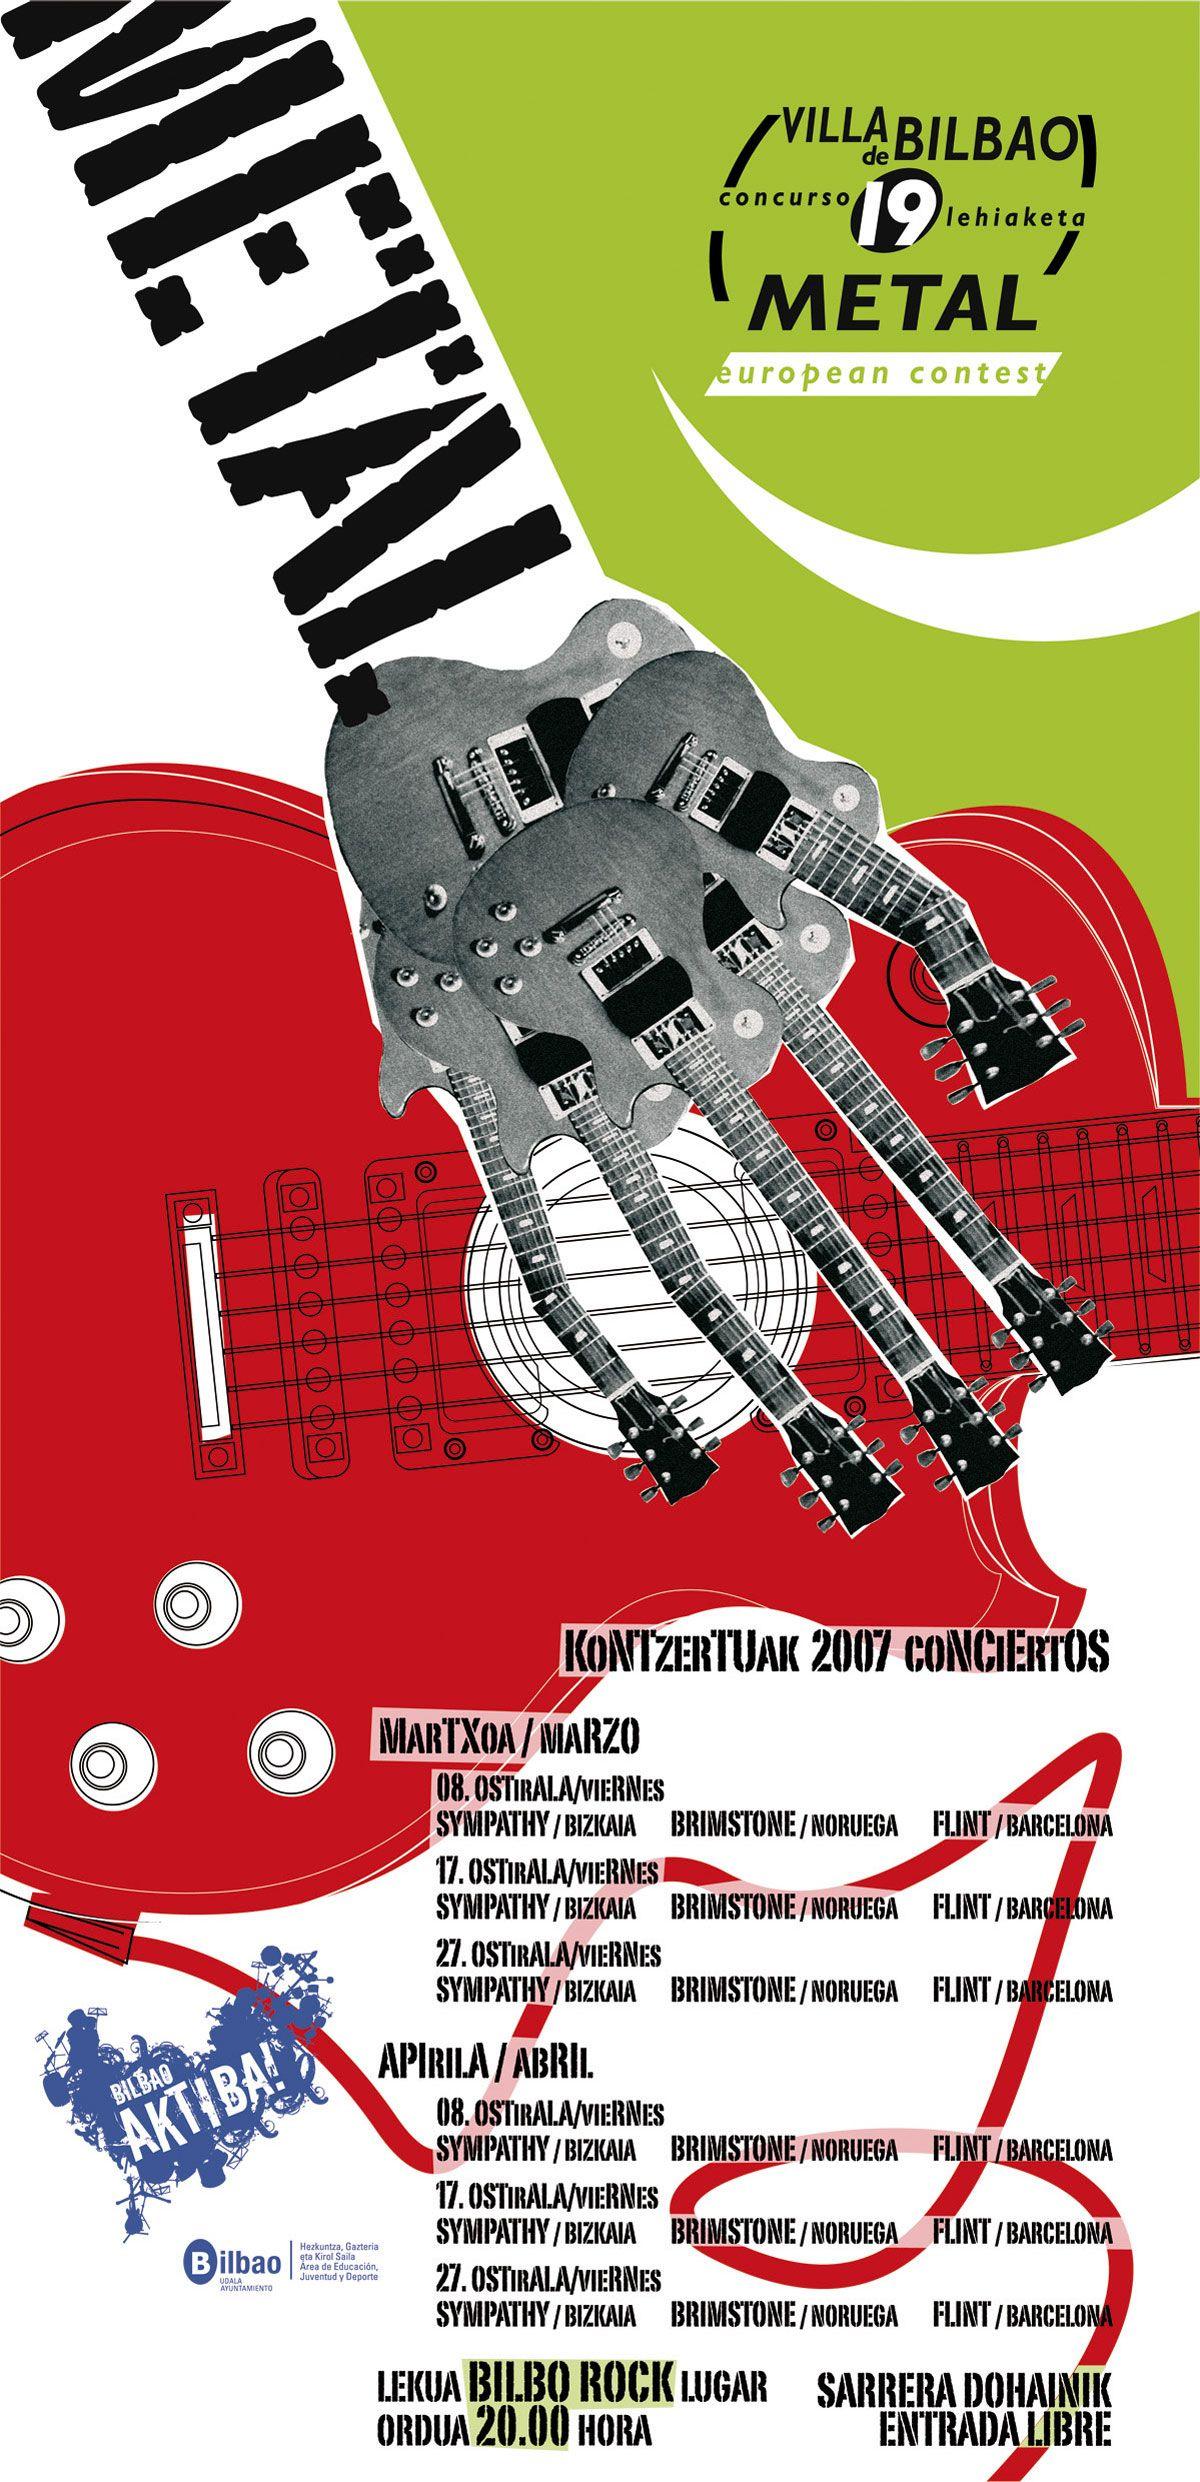 Cartel Villa Bilbao 19ª edición metal